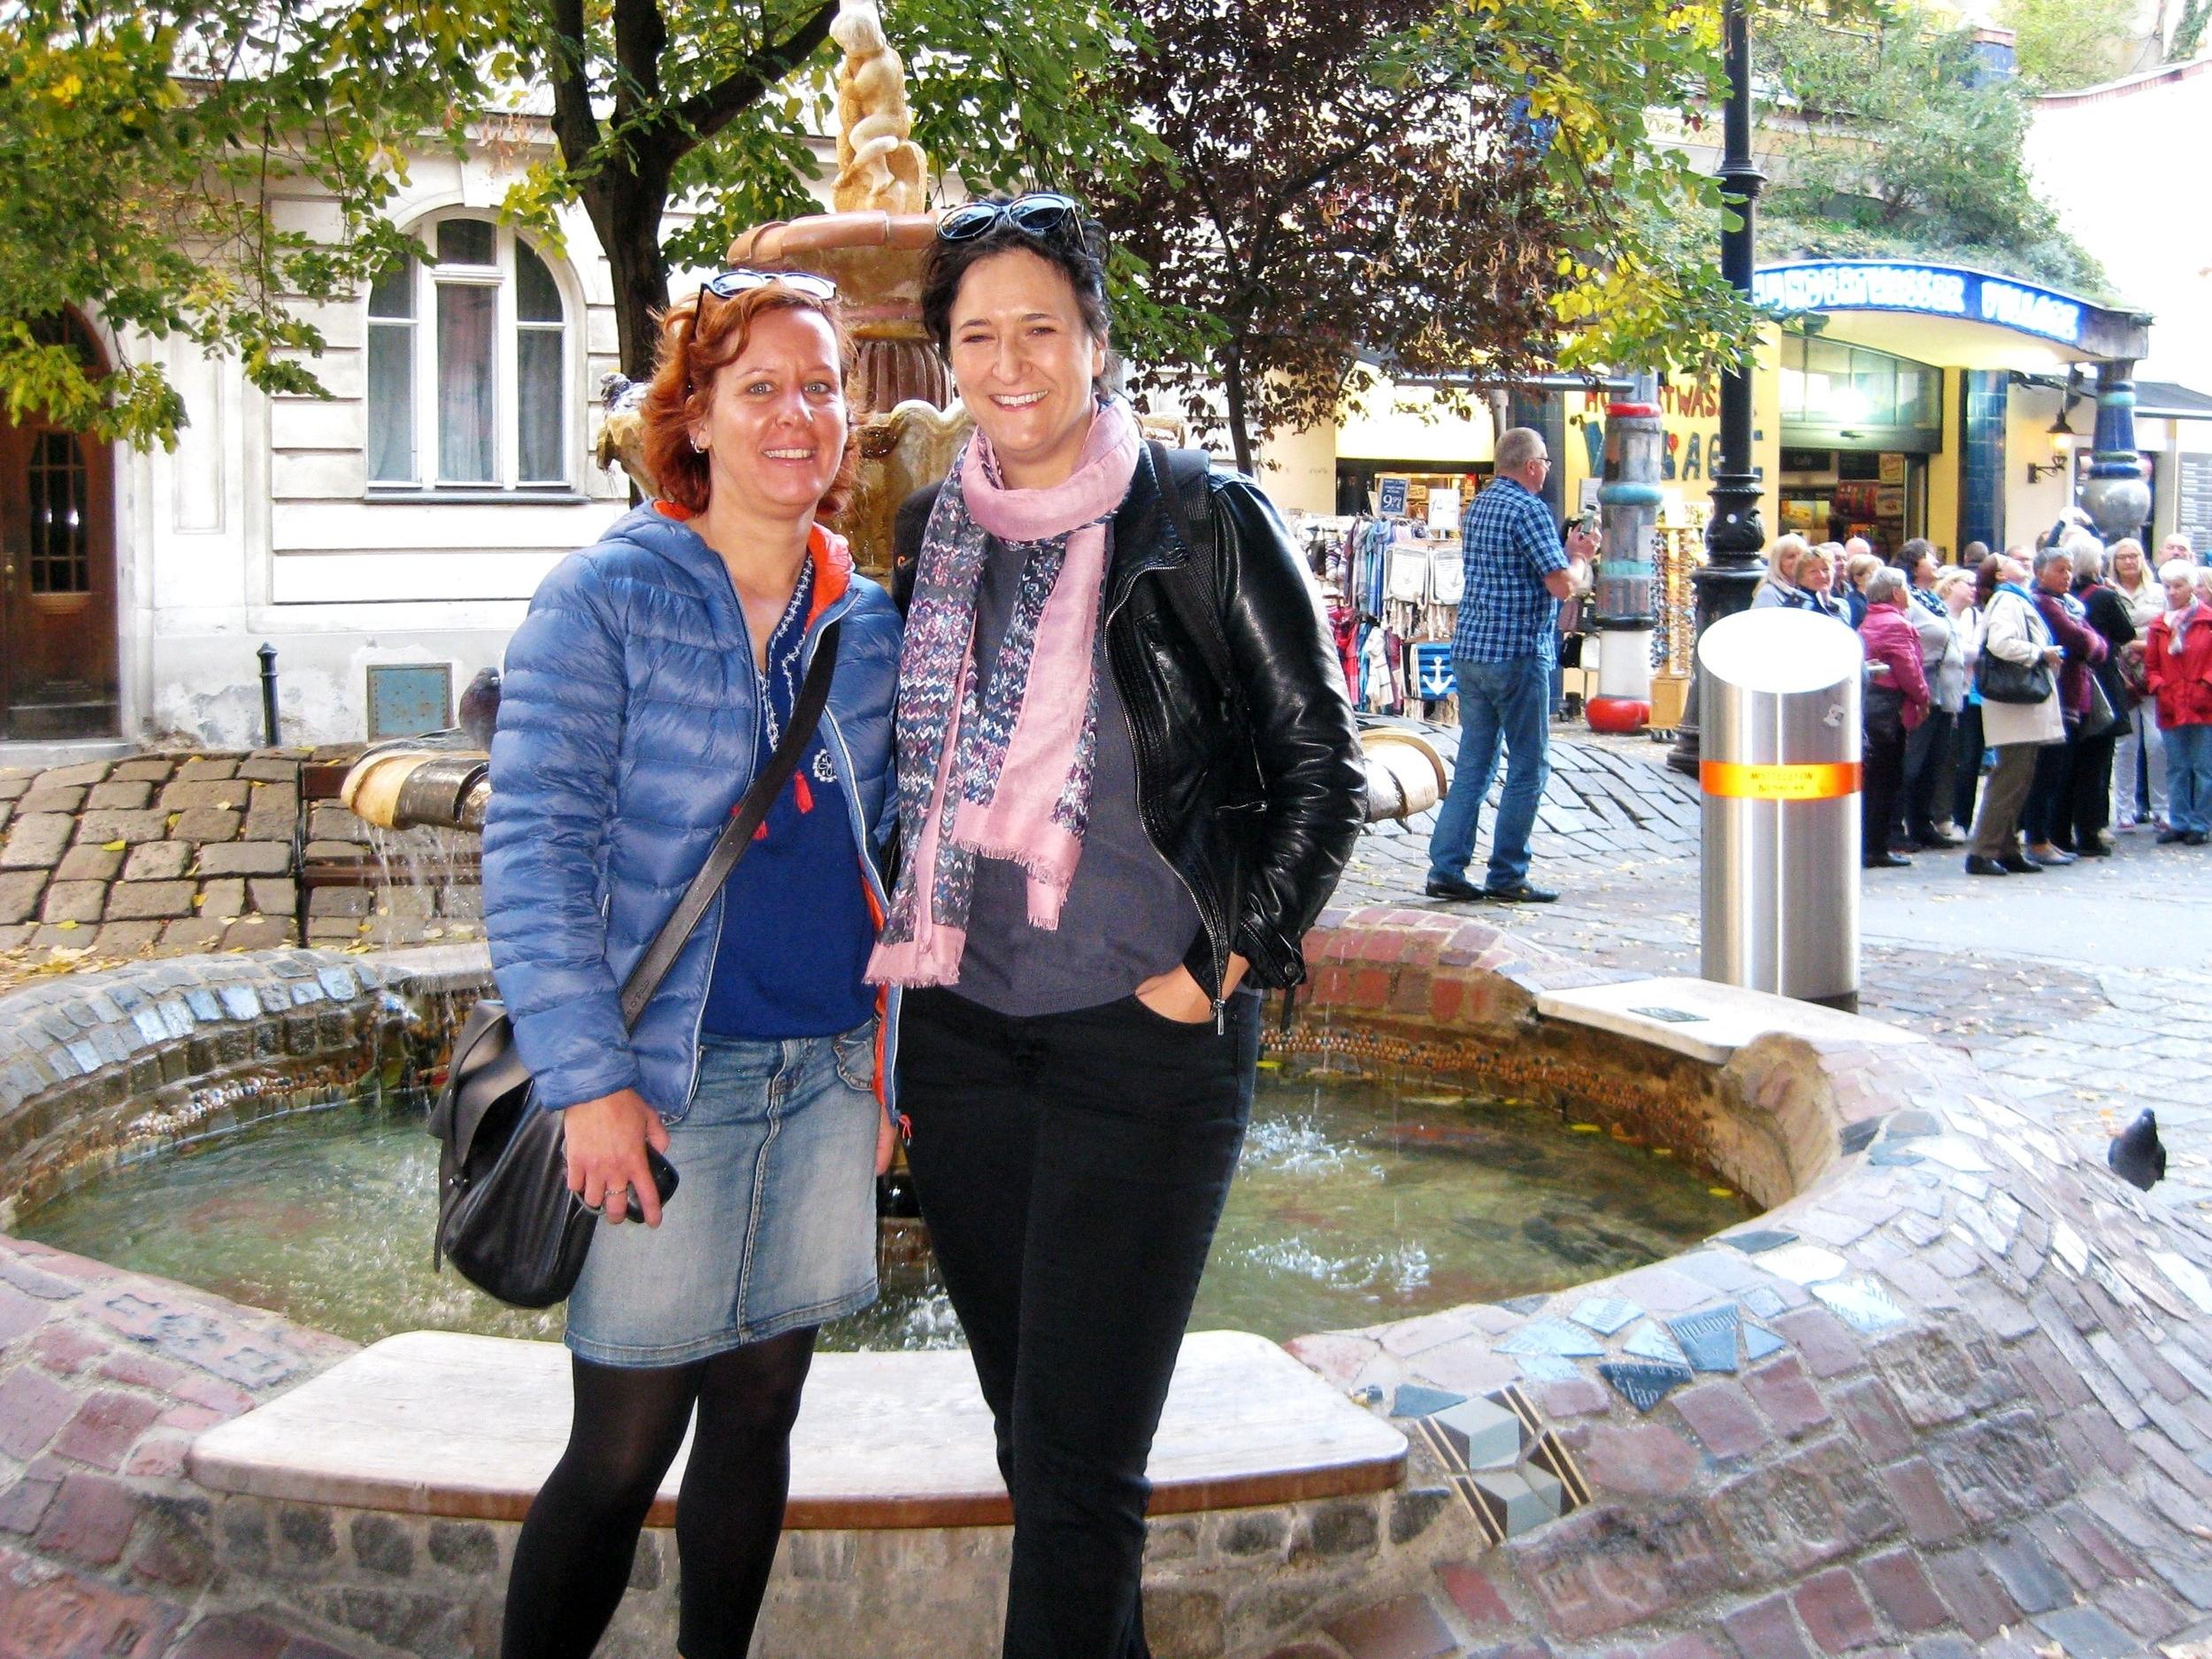 Near the Hundertwasserhaus in Vienna